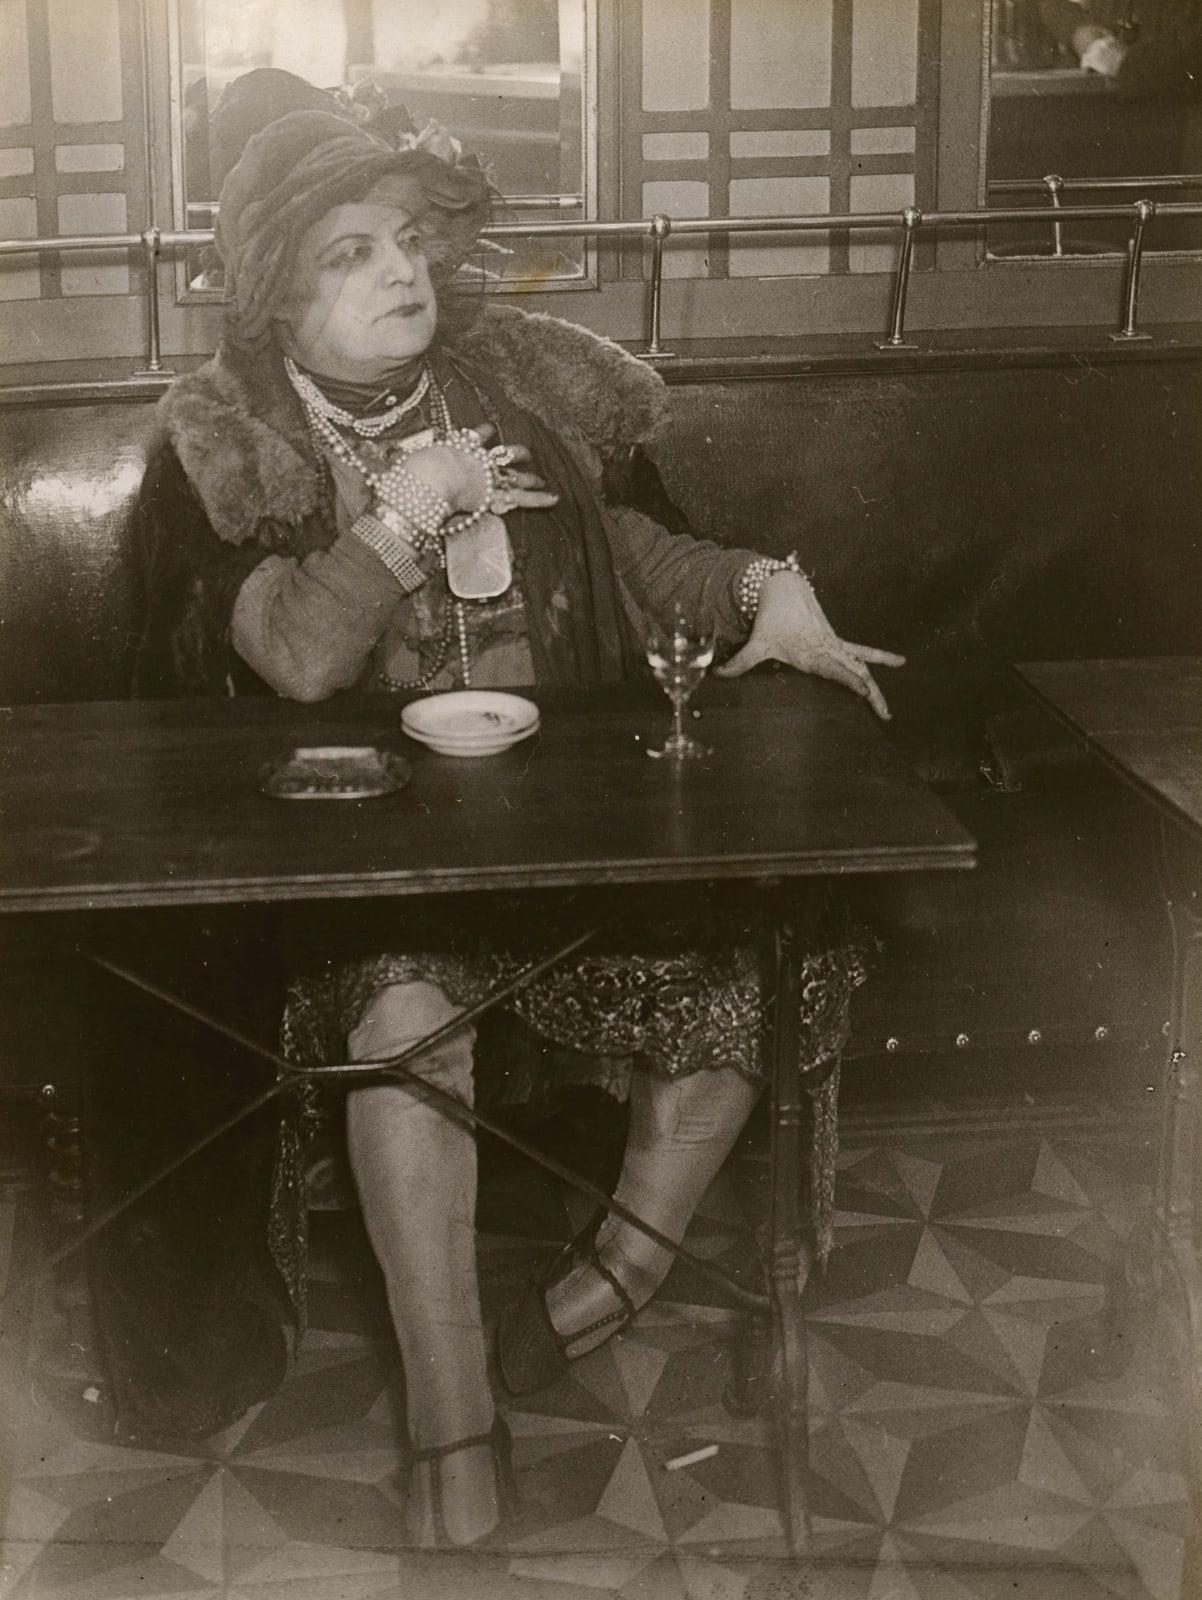 Brassaï La Môme Bijou, Bar de la Lune, Paris at bar table with drink